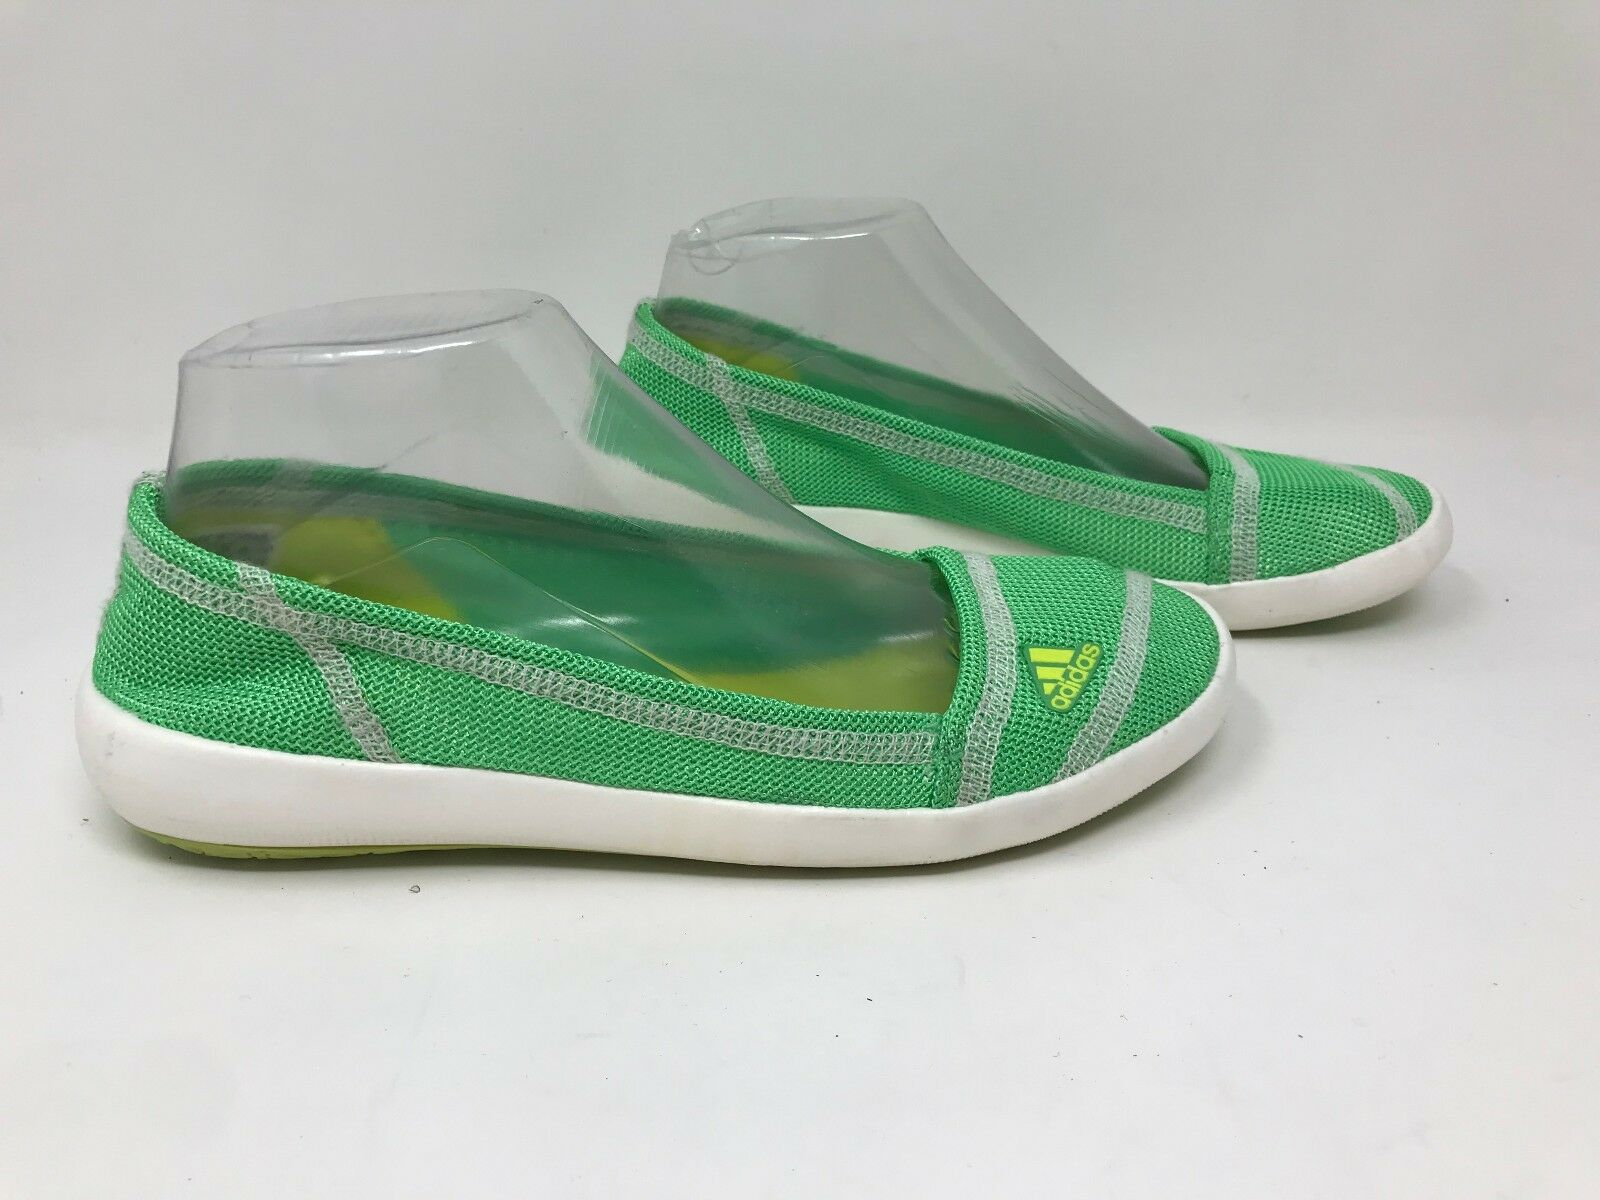 Di nuovo le adidas barca scivola su acqua scarpe eleganti sz 7 verde   giallo b35541 f12 | Di Alta Qualità E Poco Costoso  | Uomo/Donna Scarpa